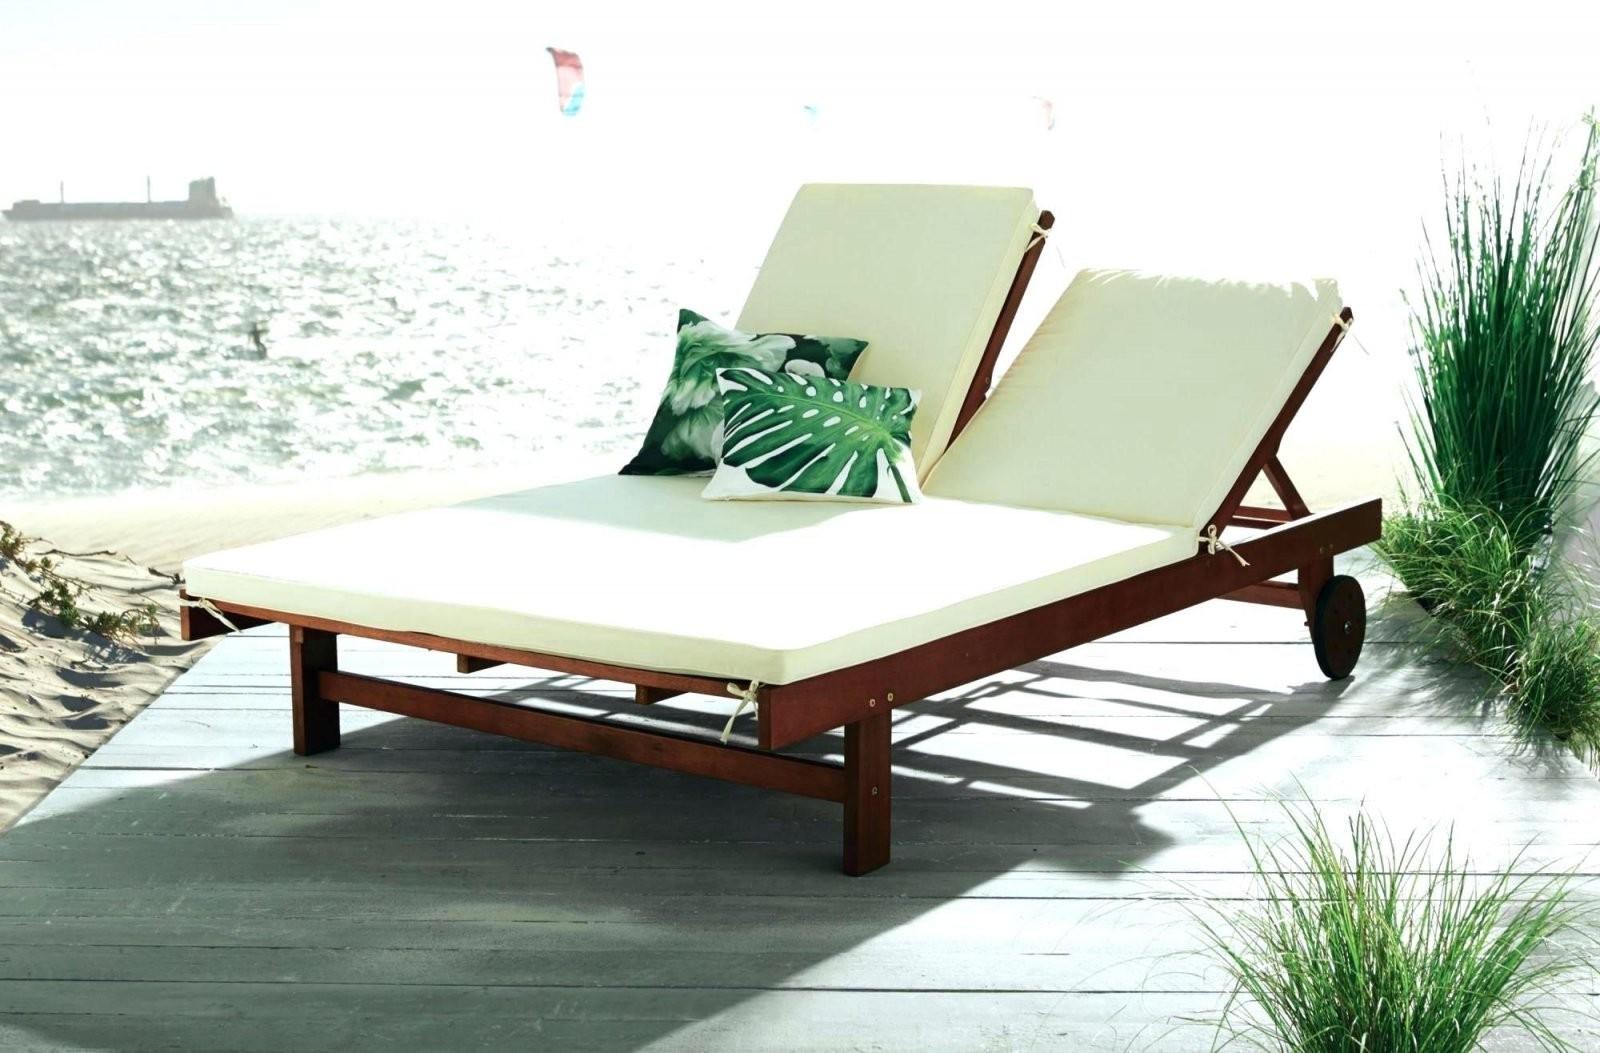 Gartenmobel Tisch Klappbar Doppelliege Garten Doppel Liege Rio Fsc von Heaven Swing Doppelliege Gebraucht Photo